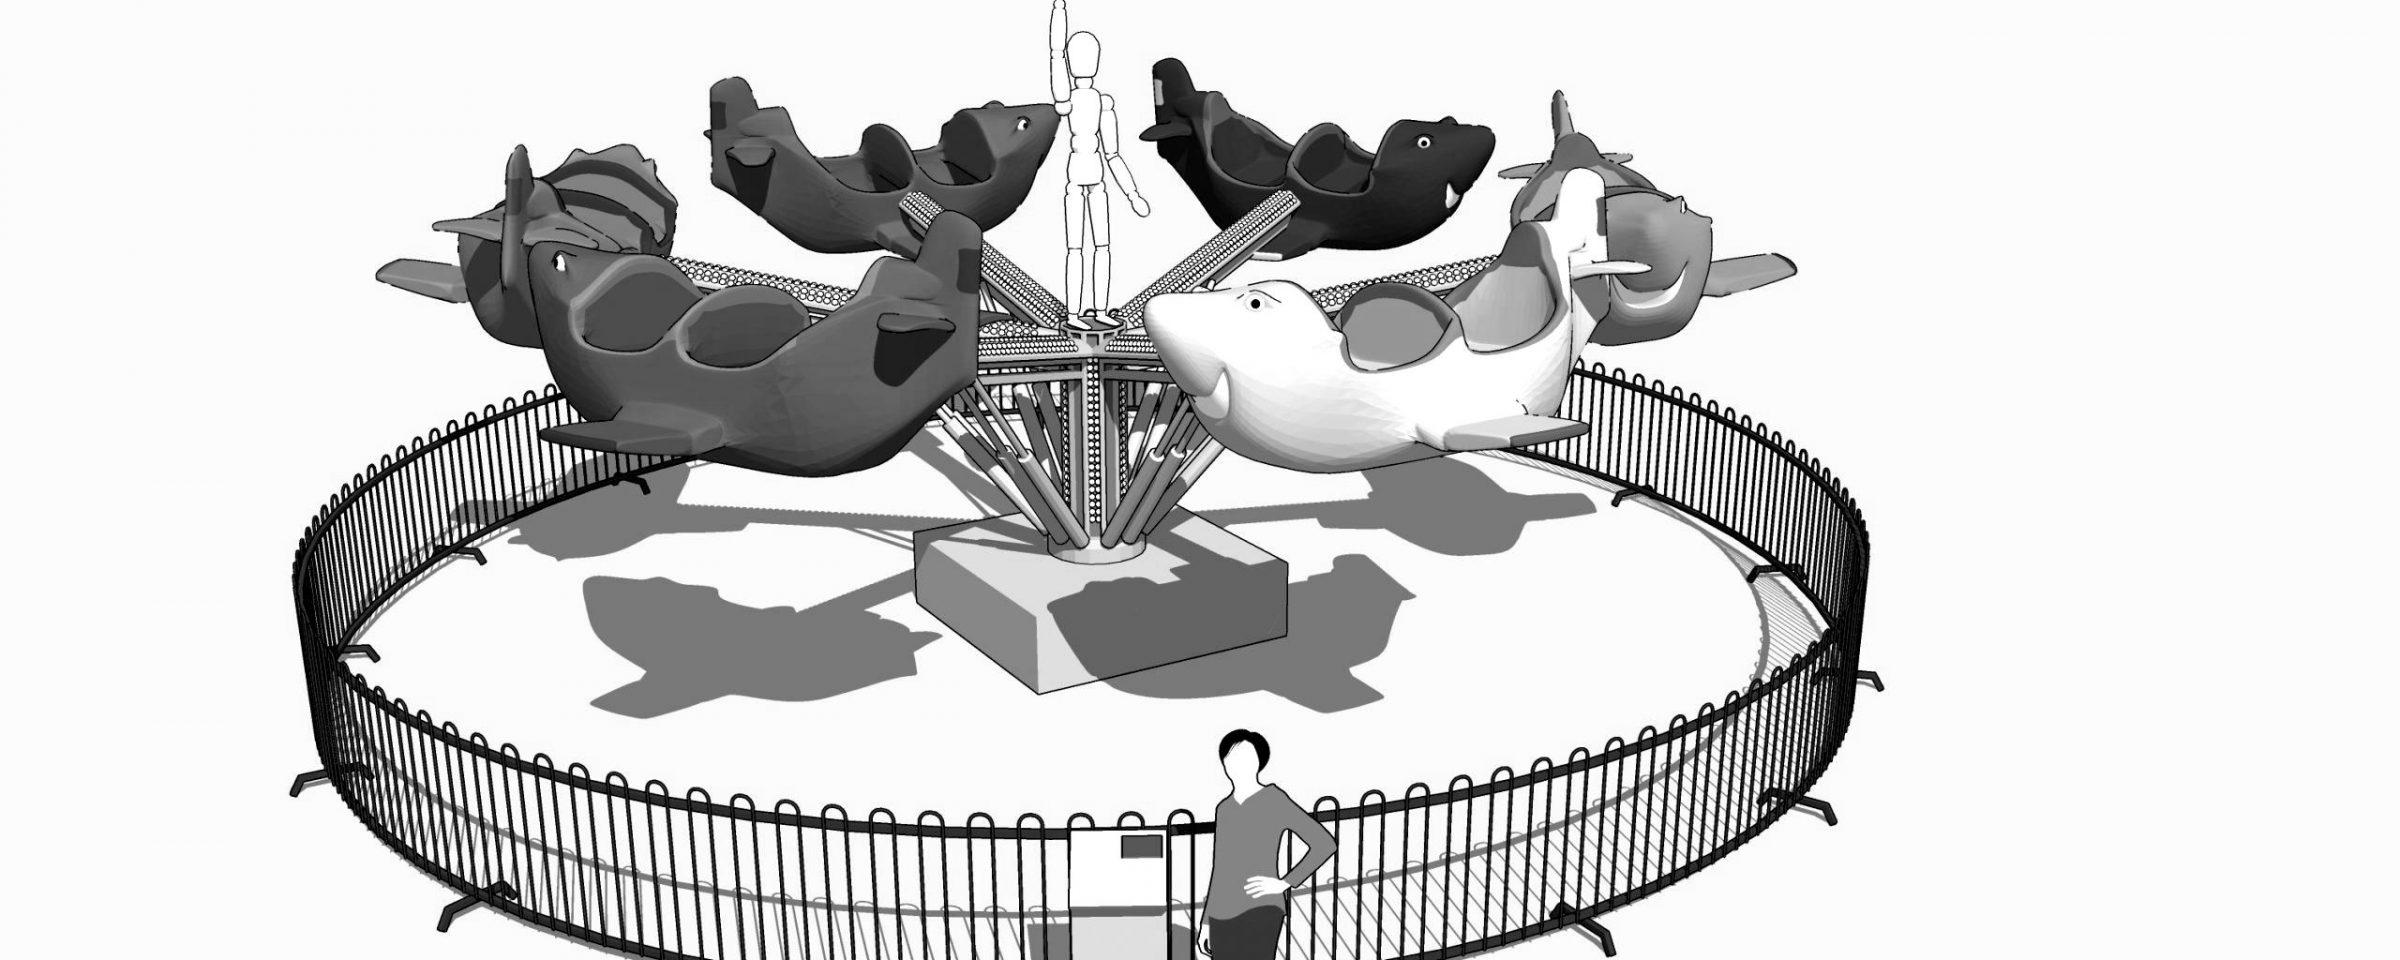 Lunapark Toys